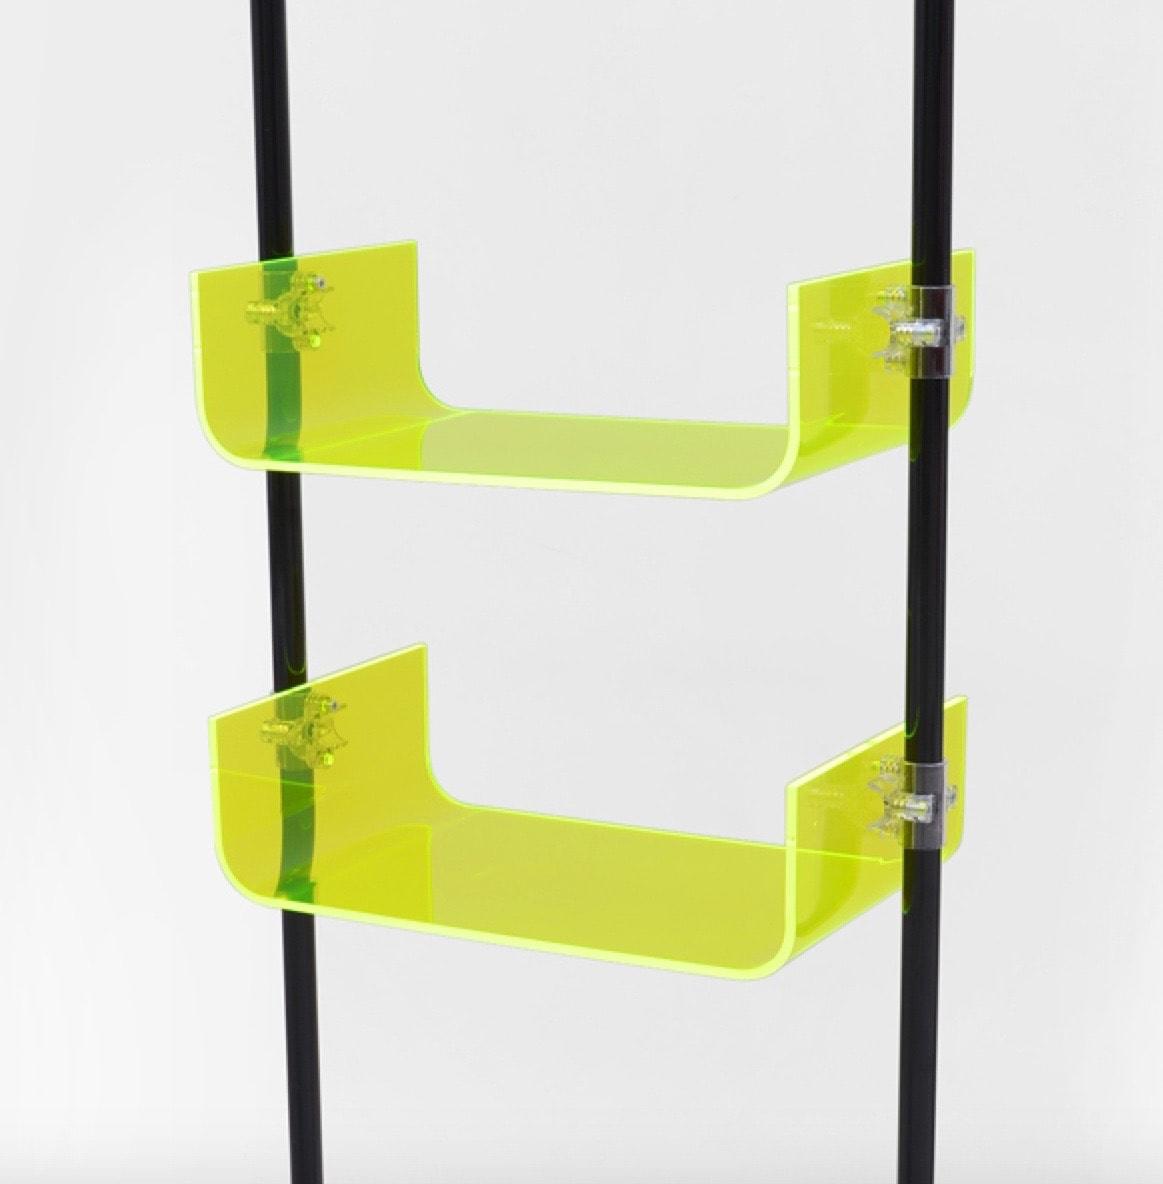 modulares regalsystem design. Black Bedroom Furniture Sets. Home Design Ideas